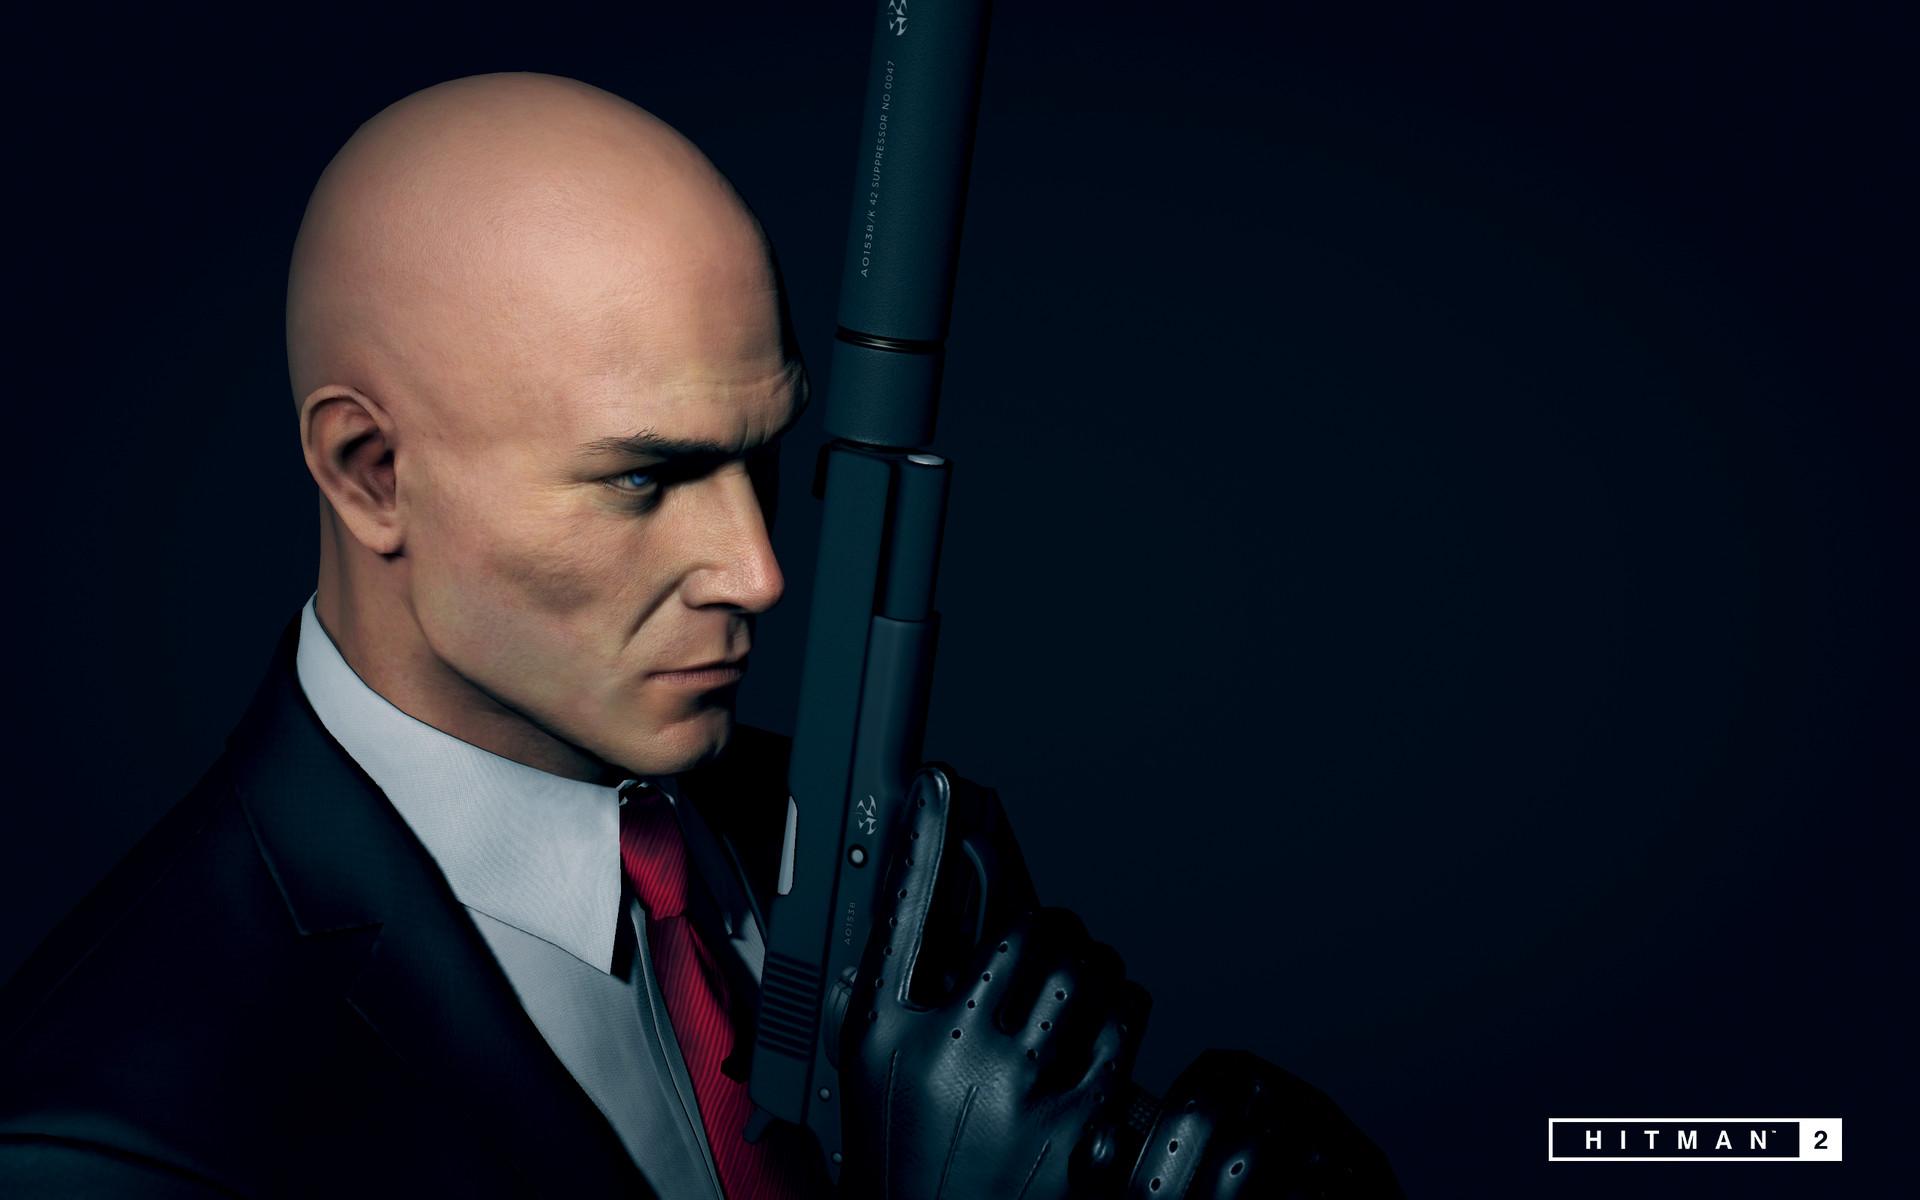 Anton Kozlov Agent 47 Hitman 2